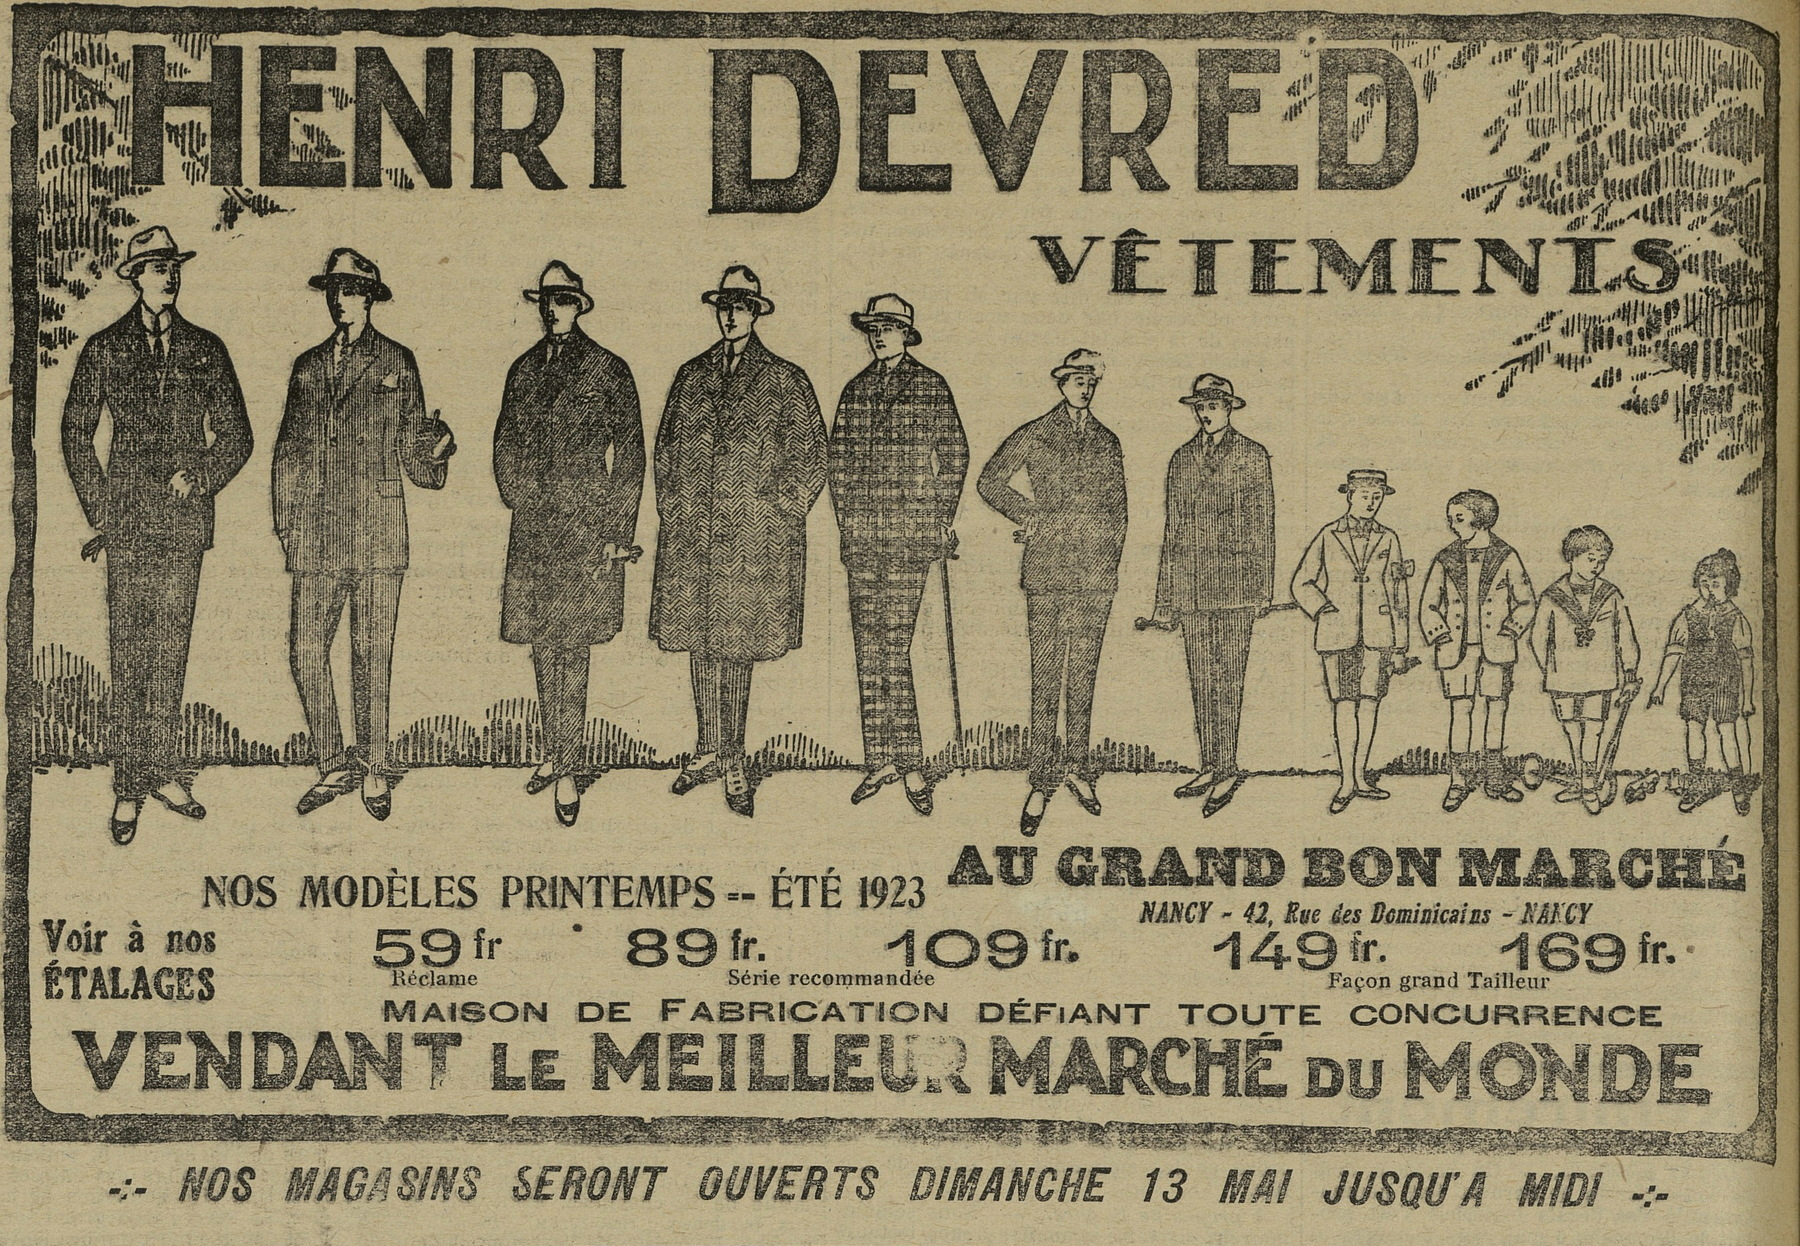 Contenu du Henri Devred